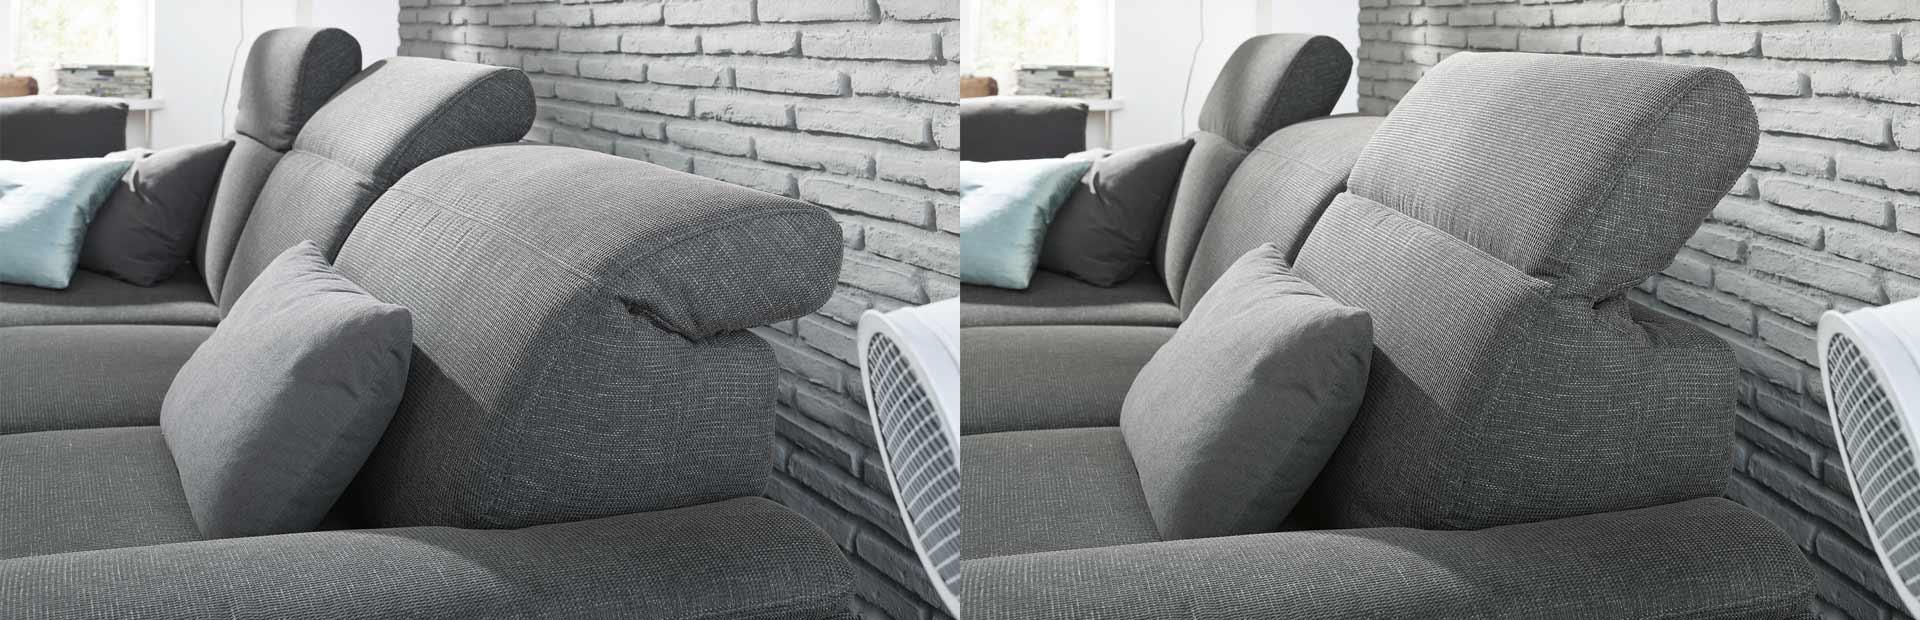 natura 6260 von natura einrichten in garbsen nahe hannover m bel hesse bestechende vielfalt. Black Bedroom Furniture Sets. Home Design Ideas